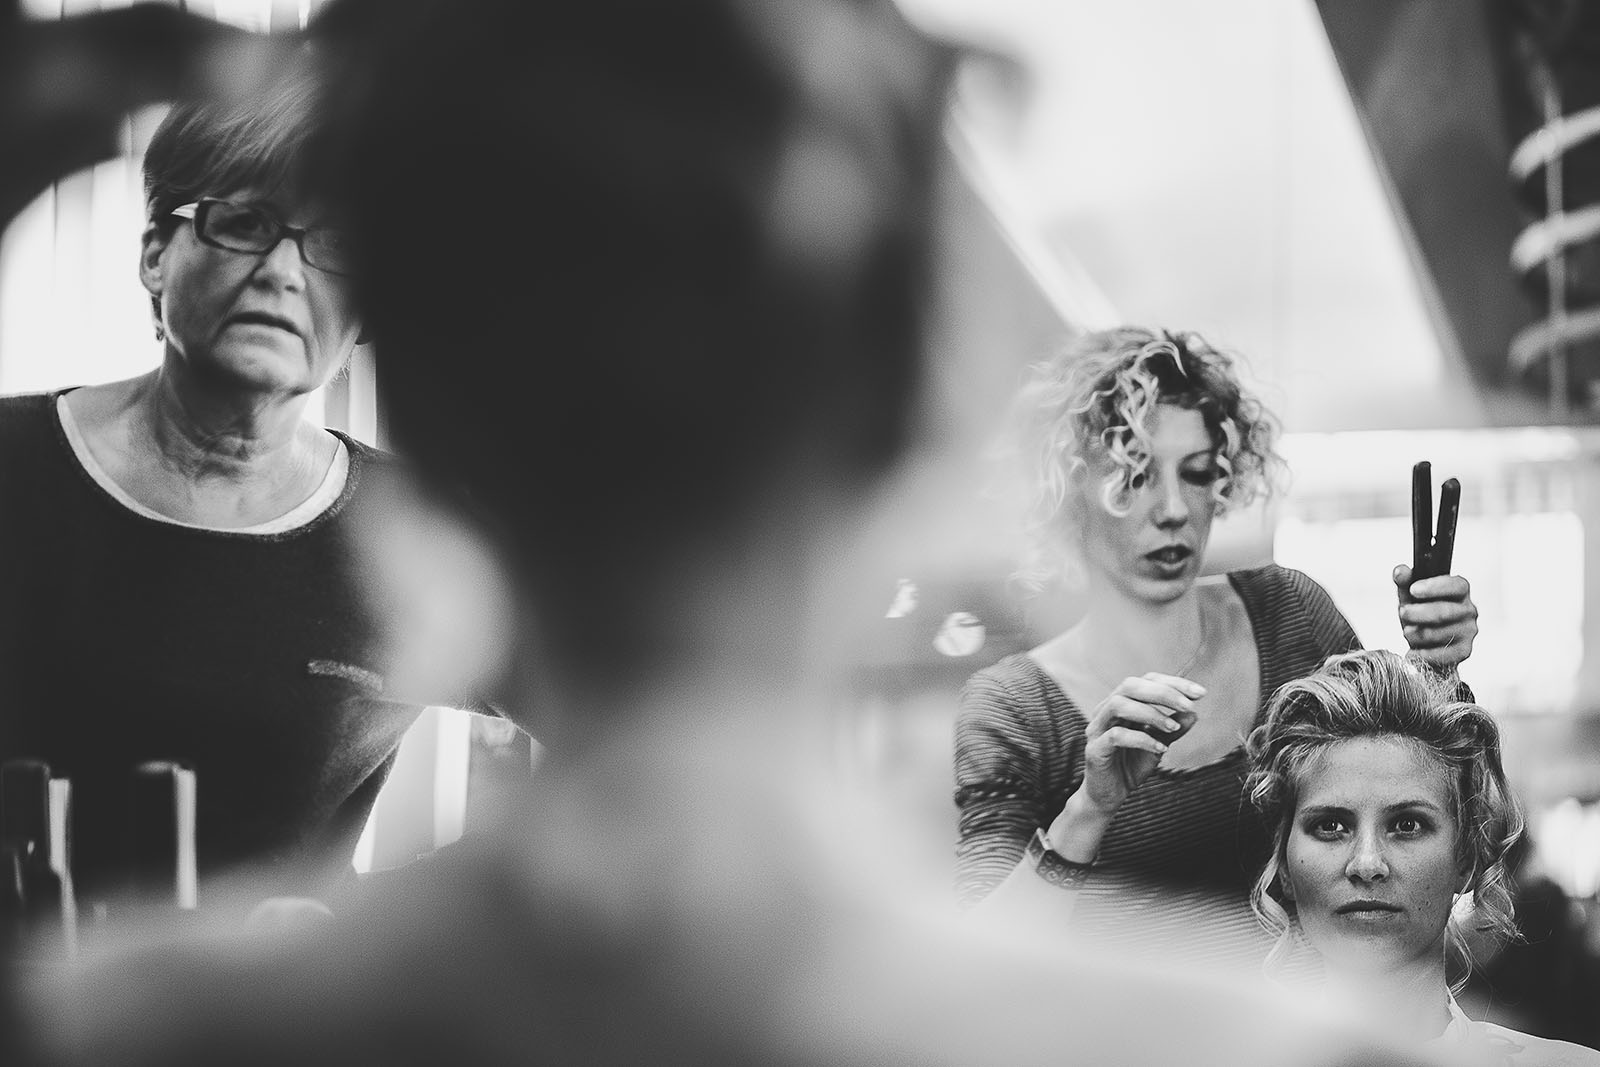 Mariage à Lyon. David Pommier photographe de mariage. Coiffure de la mariée en salon